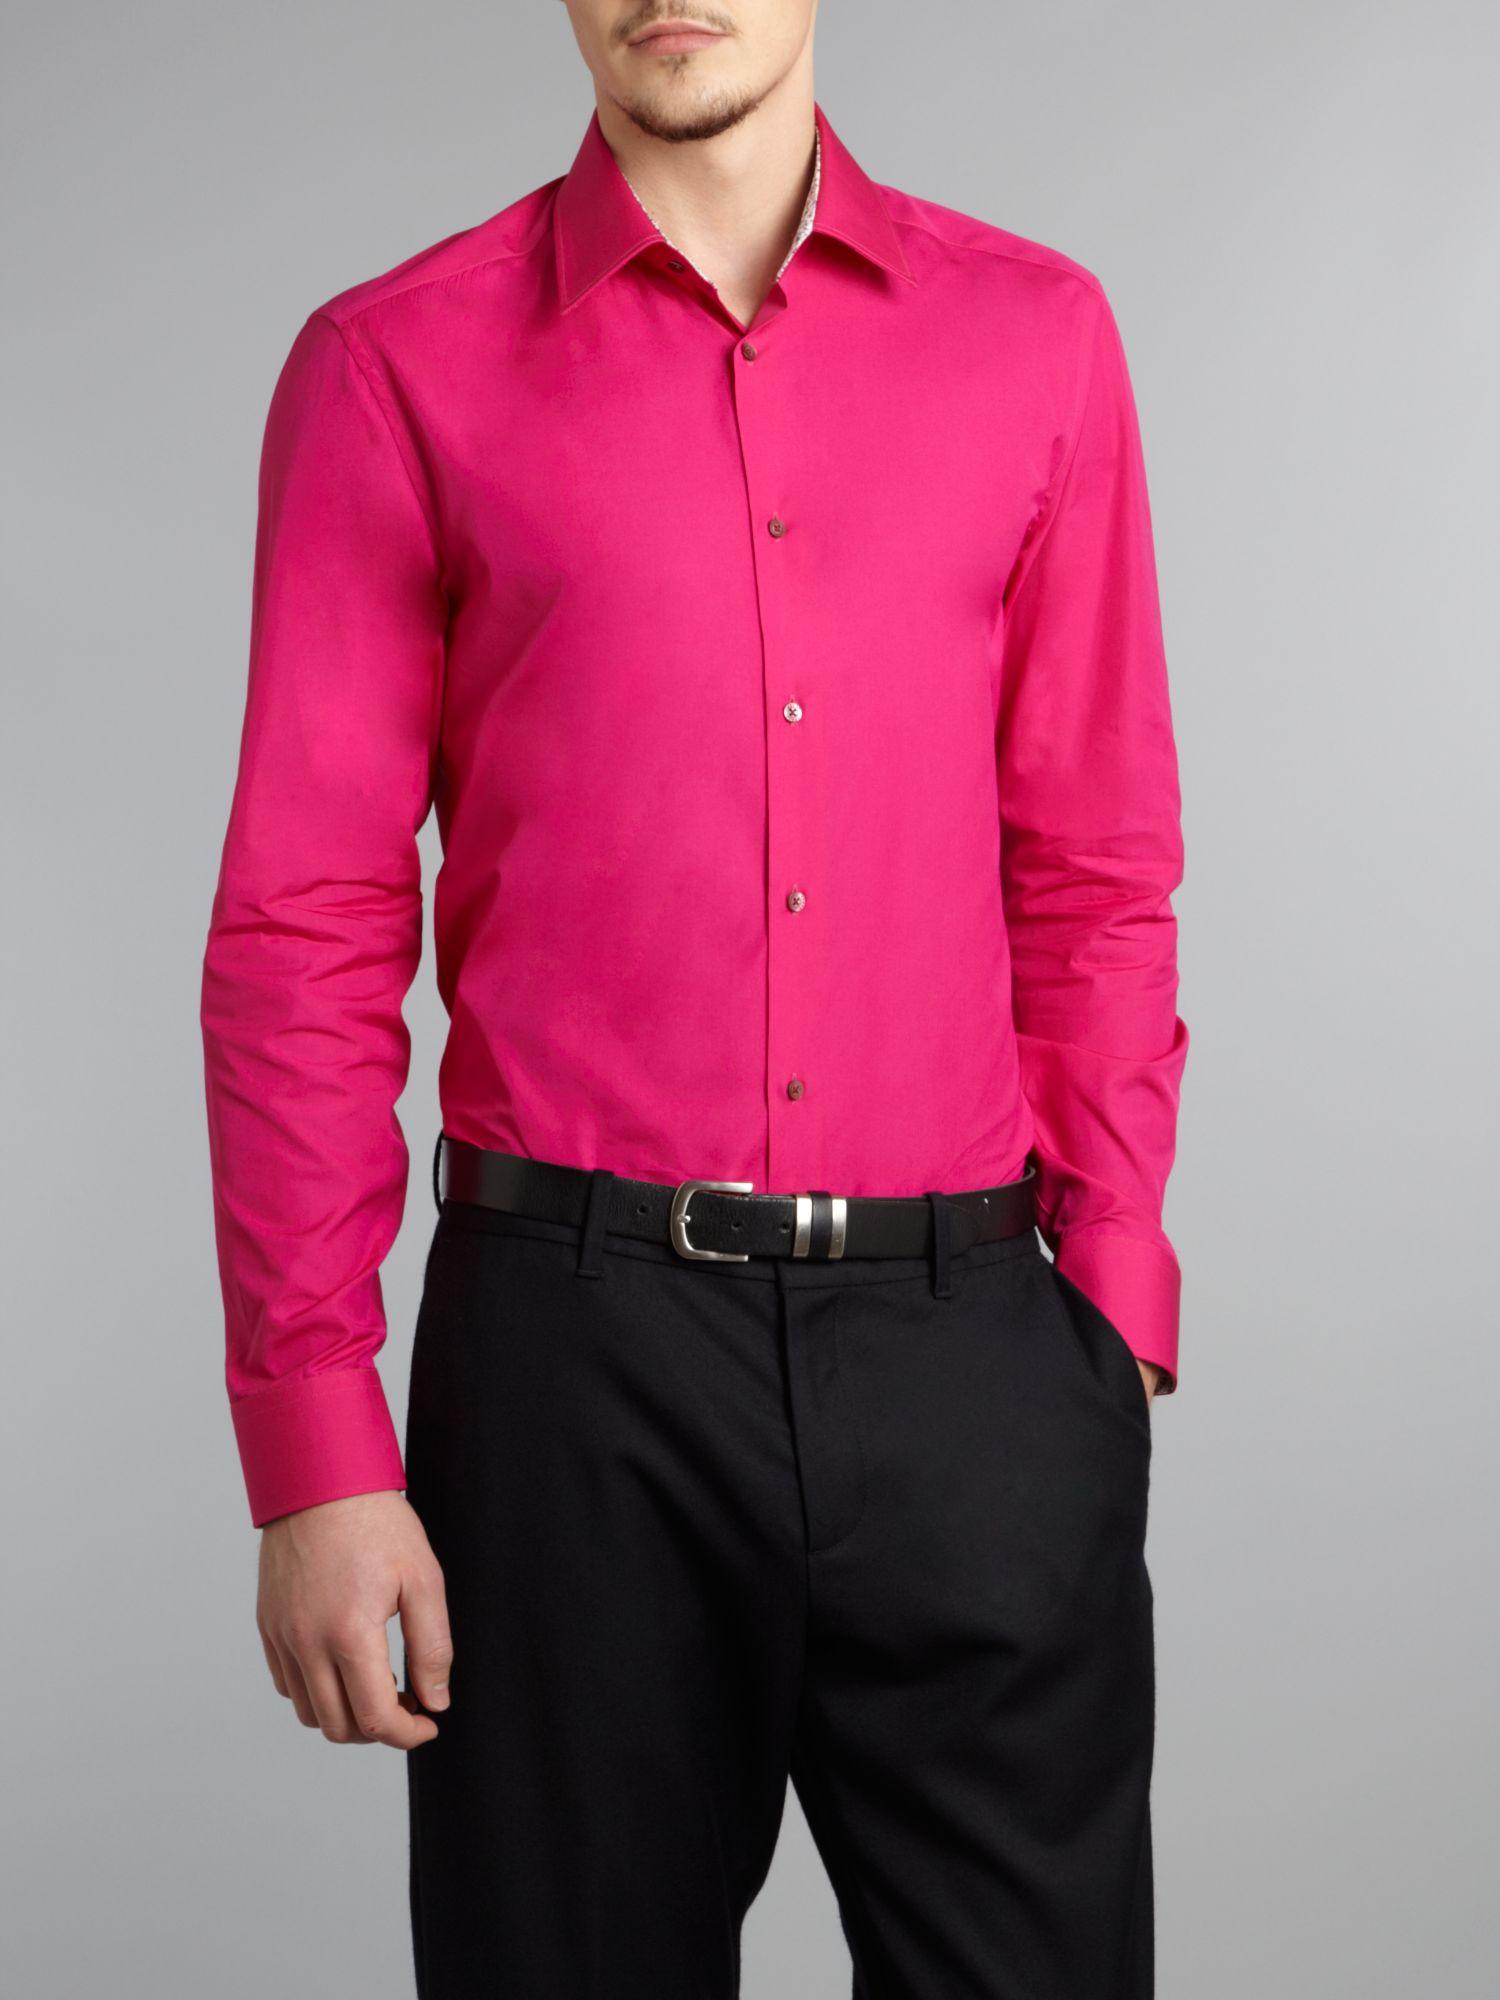 Bright Pink Shirt Mens | Is Shirt